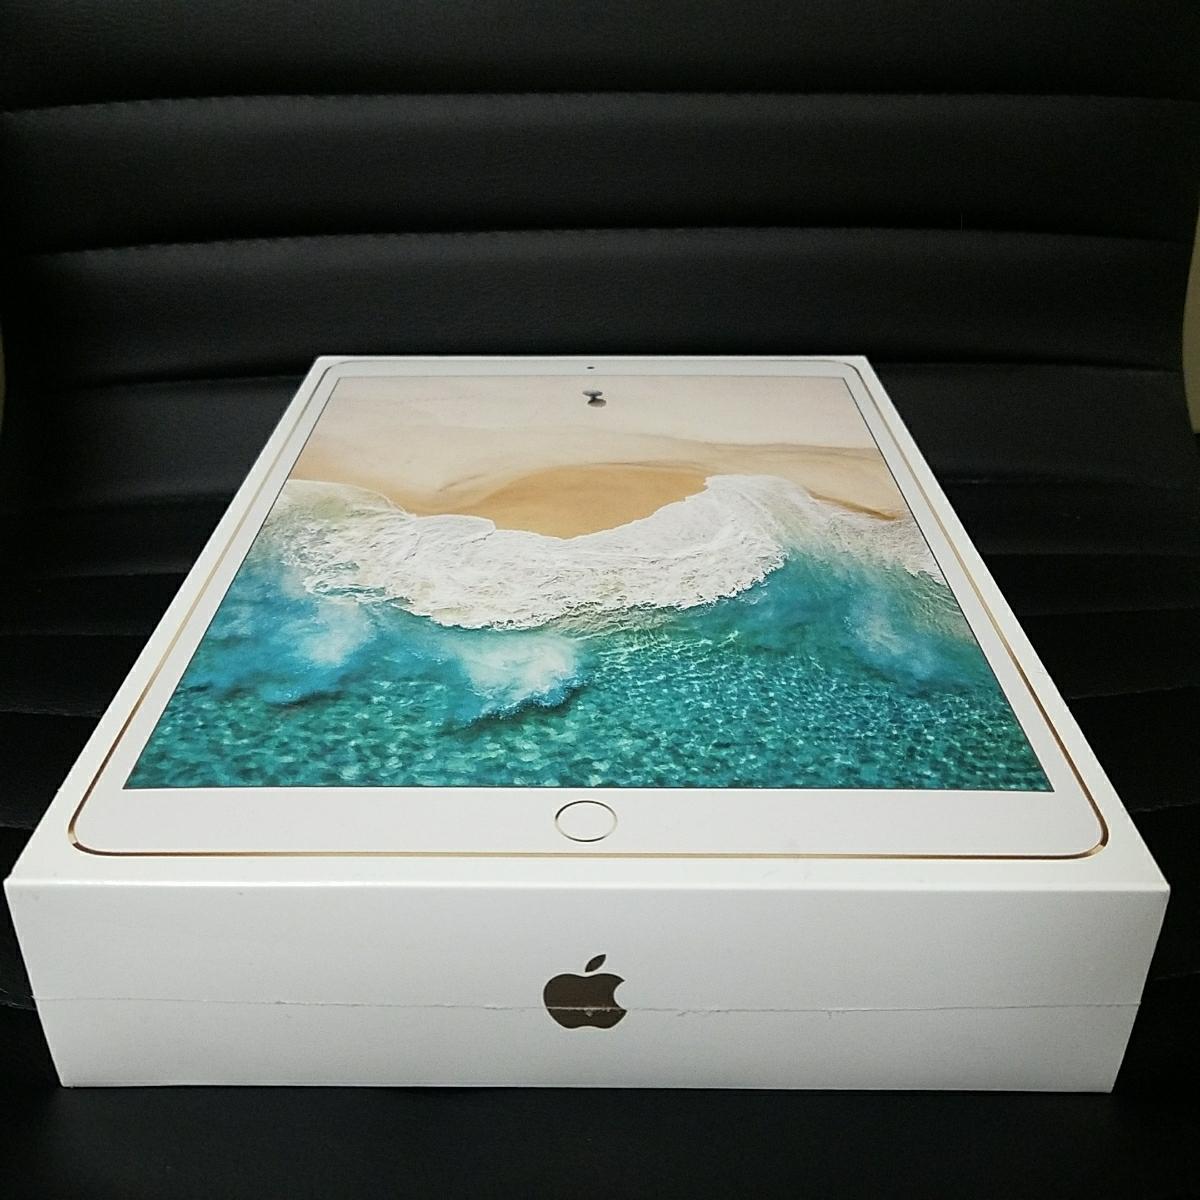 新品未開封品 アップル APPLE 10.5インチ iPad Pro Wi-Fiモデル 256GB ゴールド MPF12J/A 送料無料